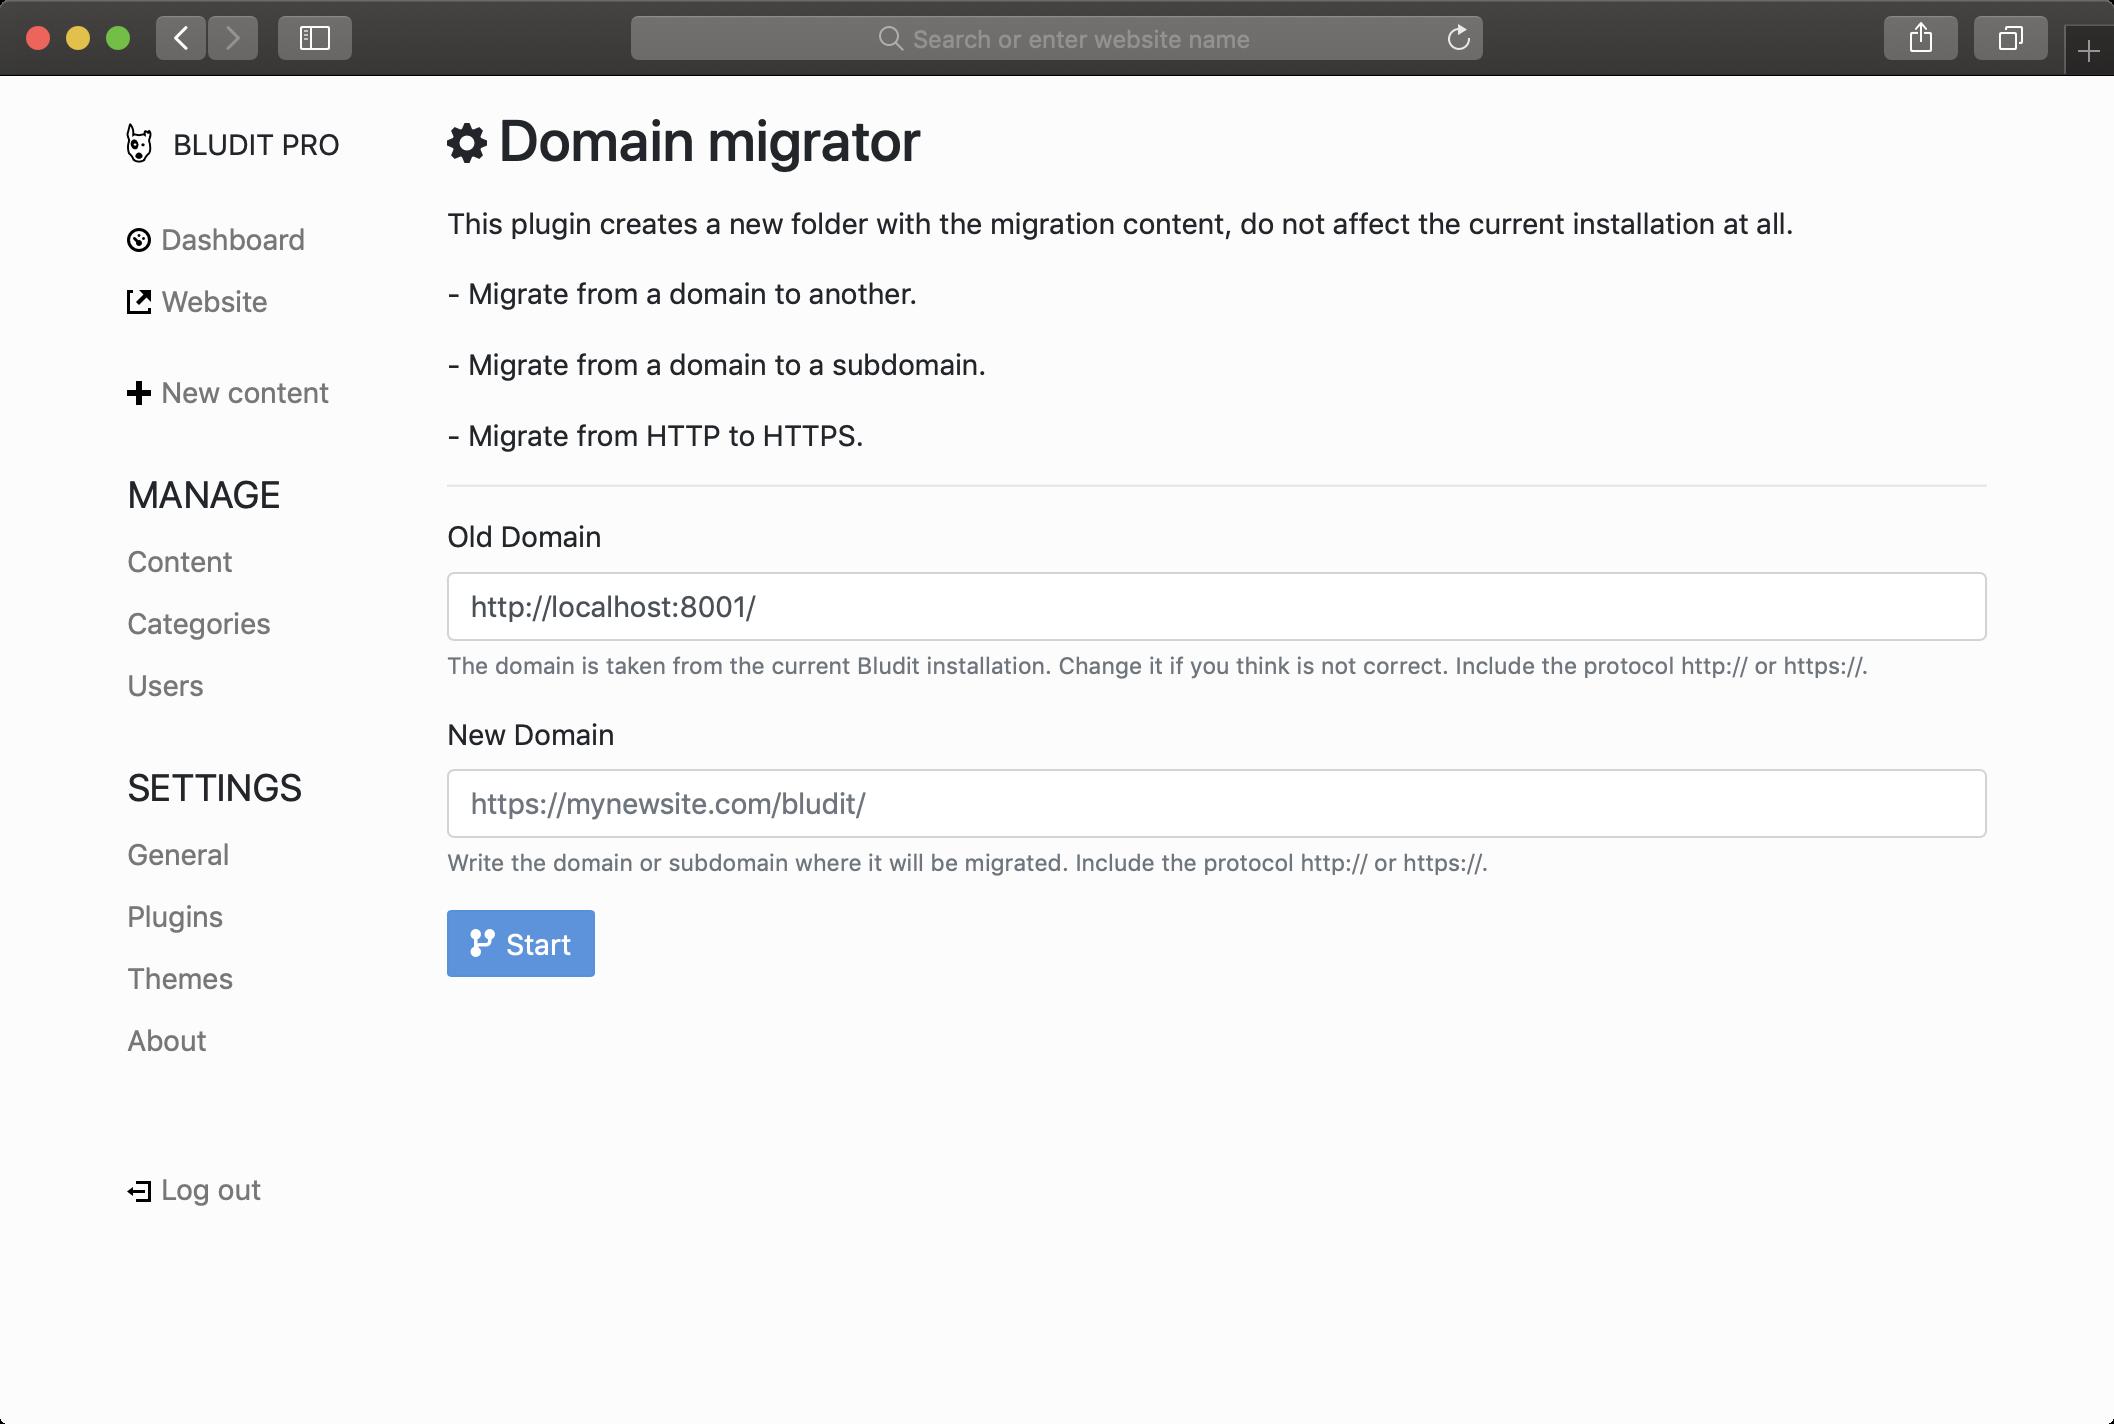 Domain migrator plugin